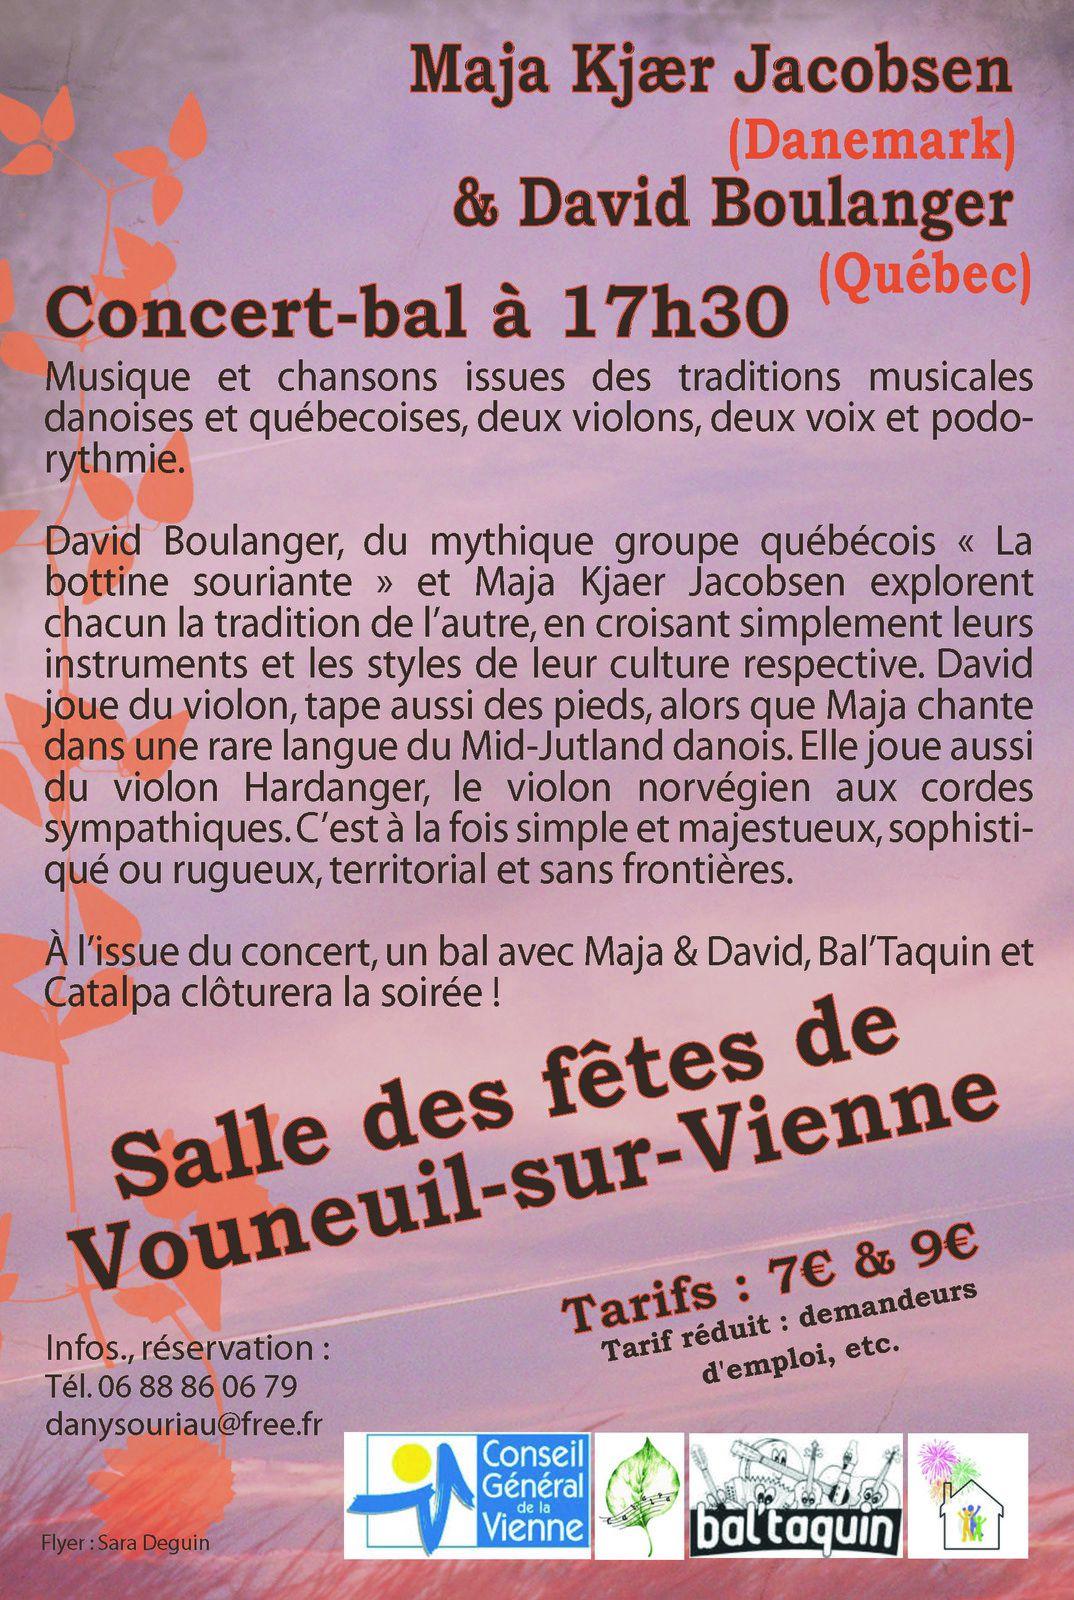 CONCERT-BAL LE 4 MAI A VOUNEUIL-SUR-VIENNE